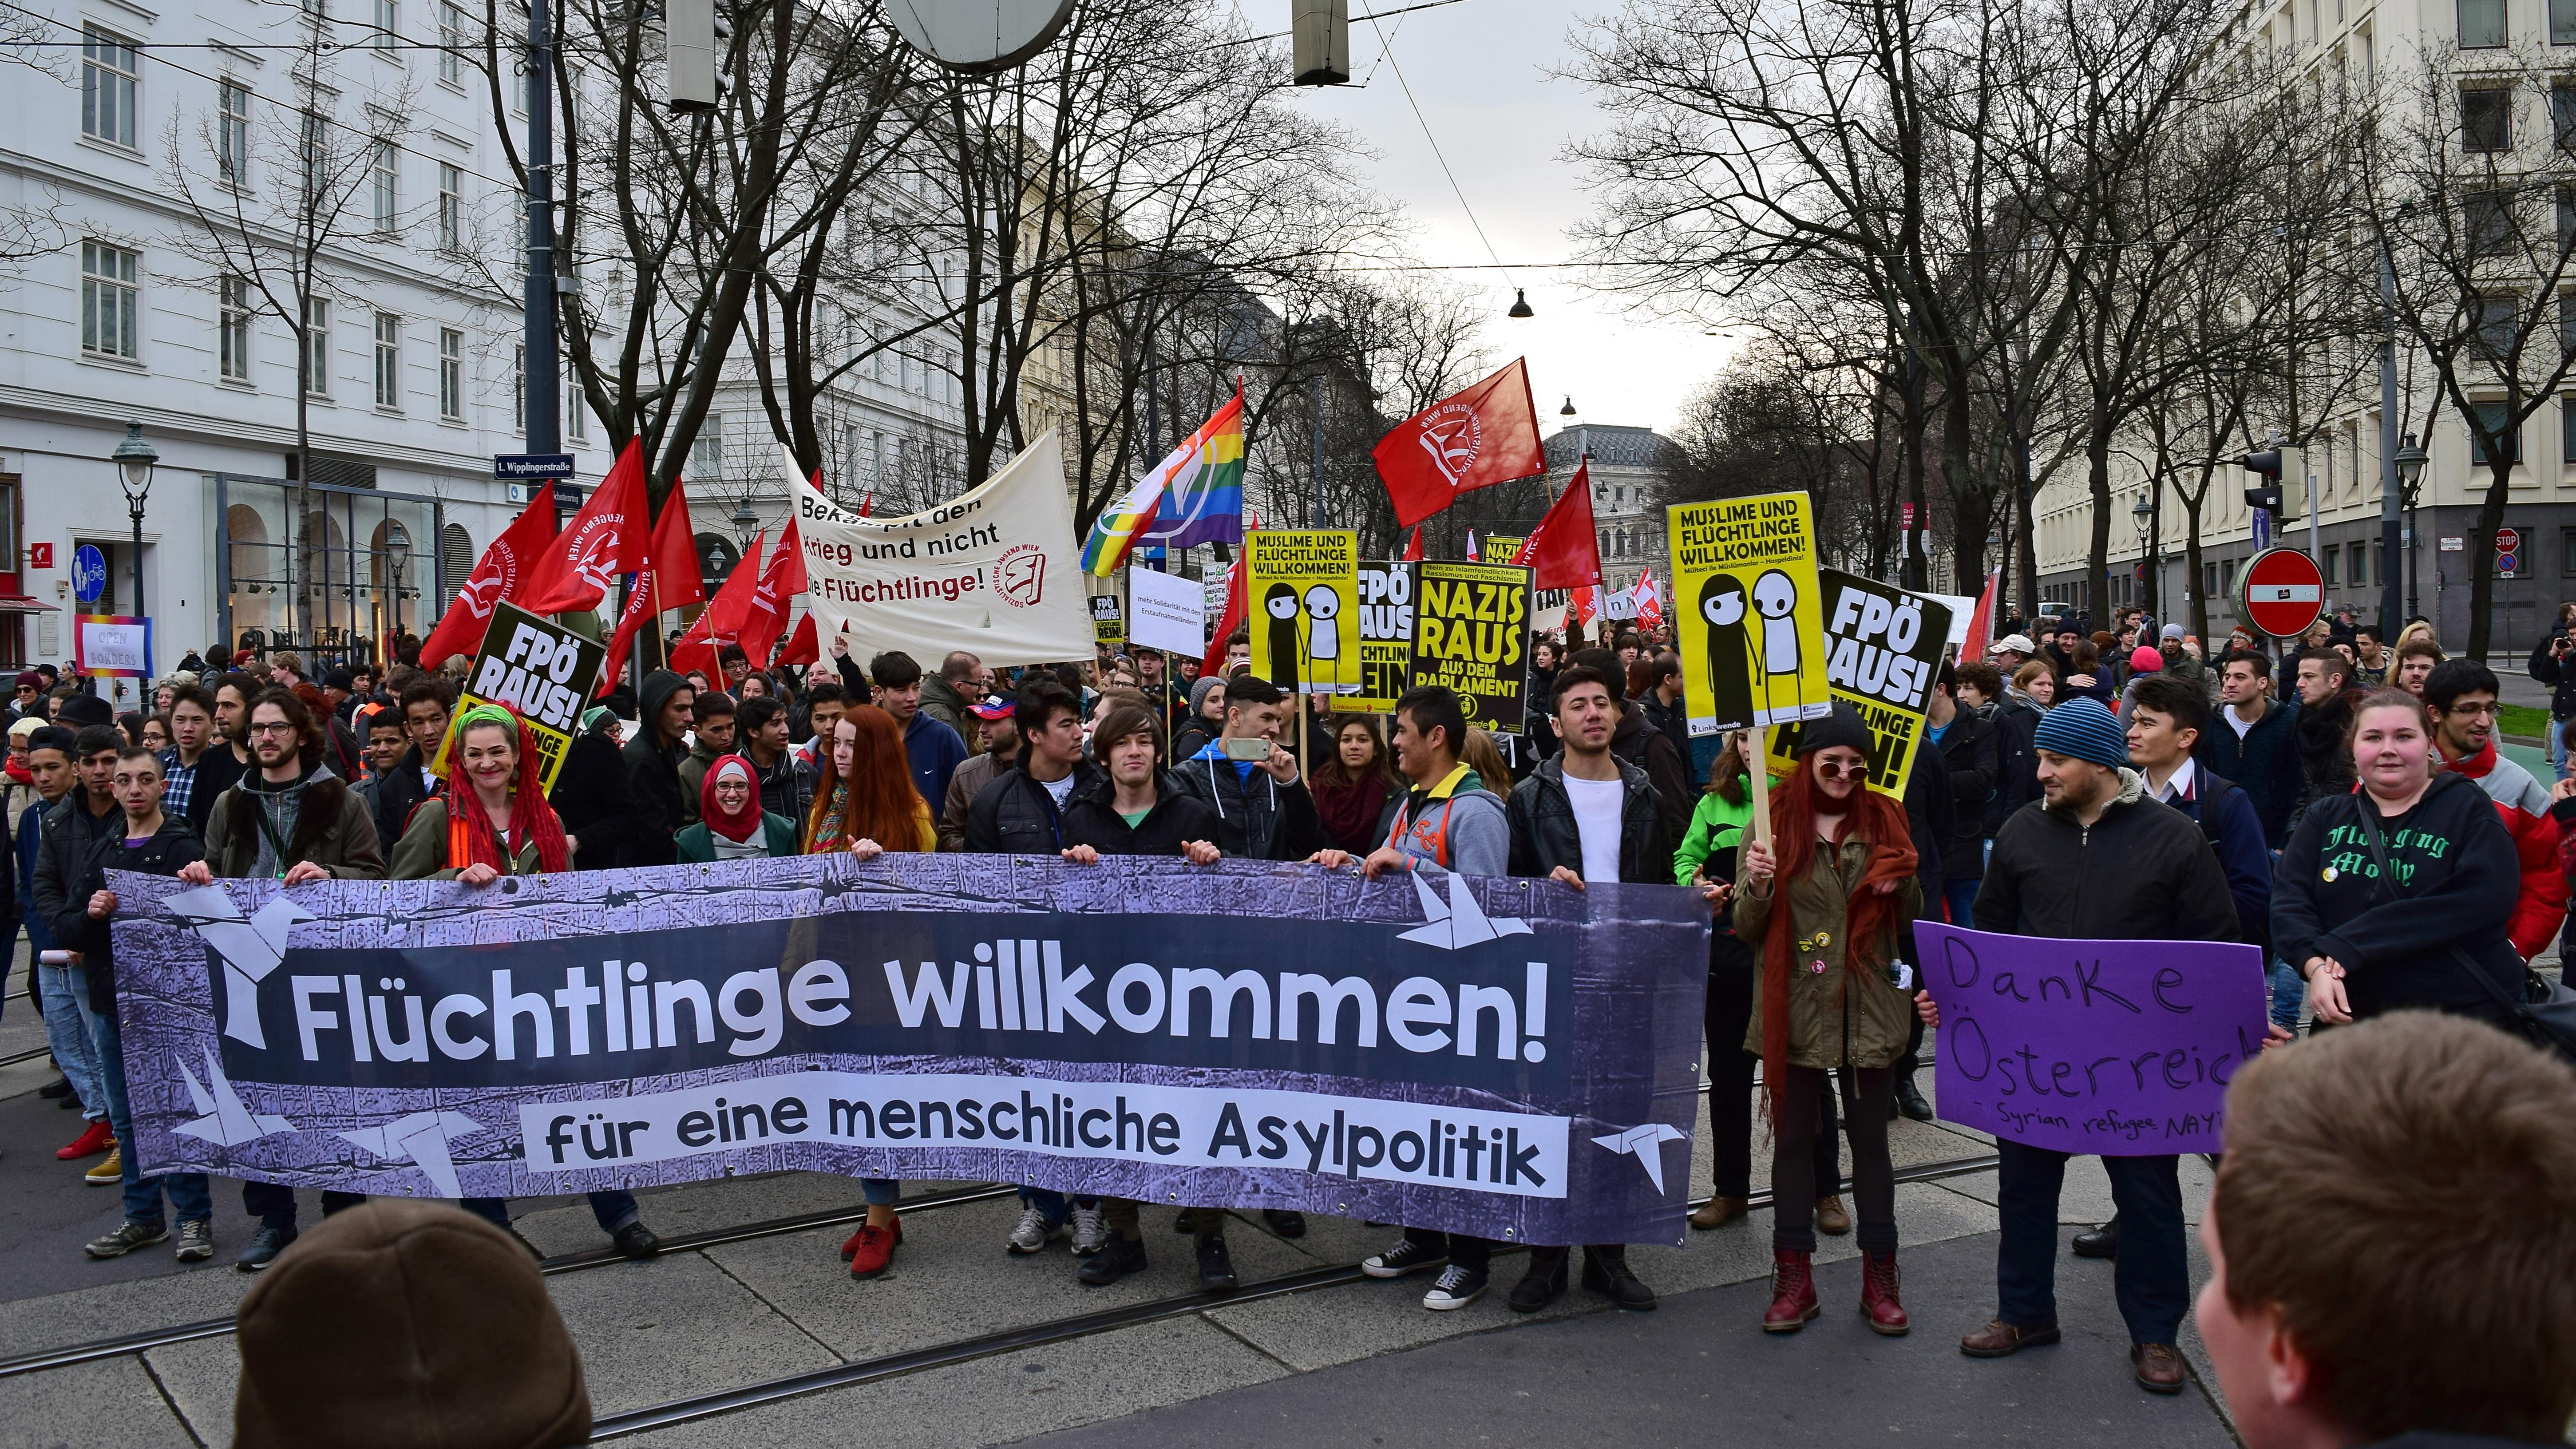 Flüchtlinge Deutschland Wiki